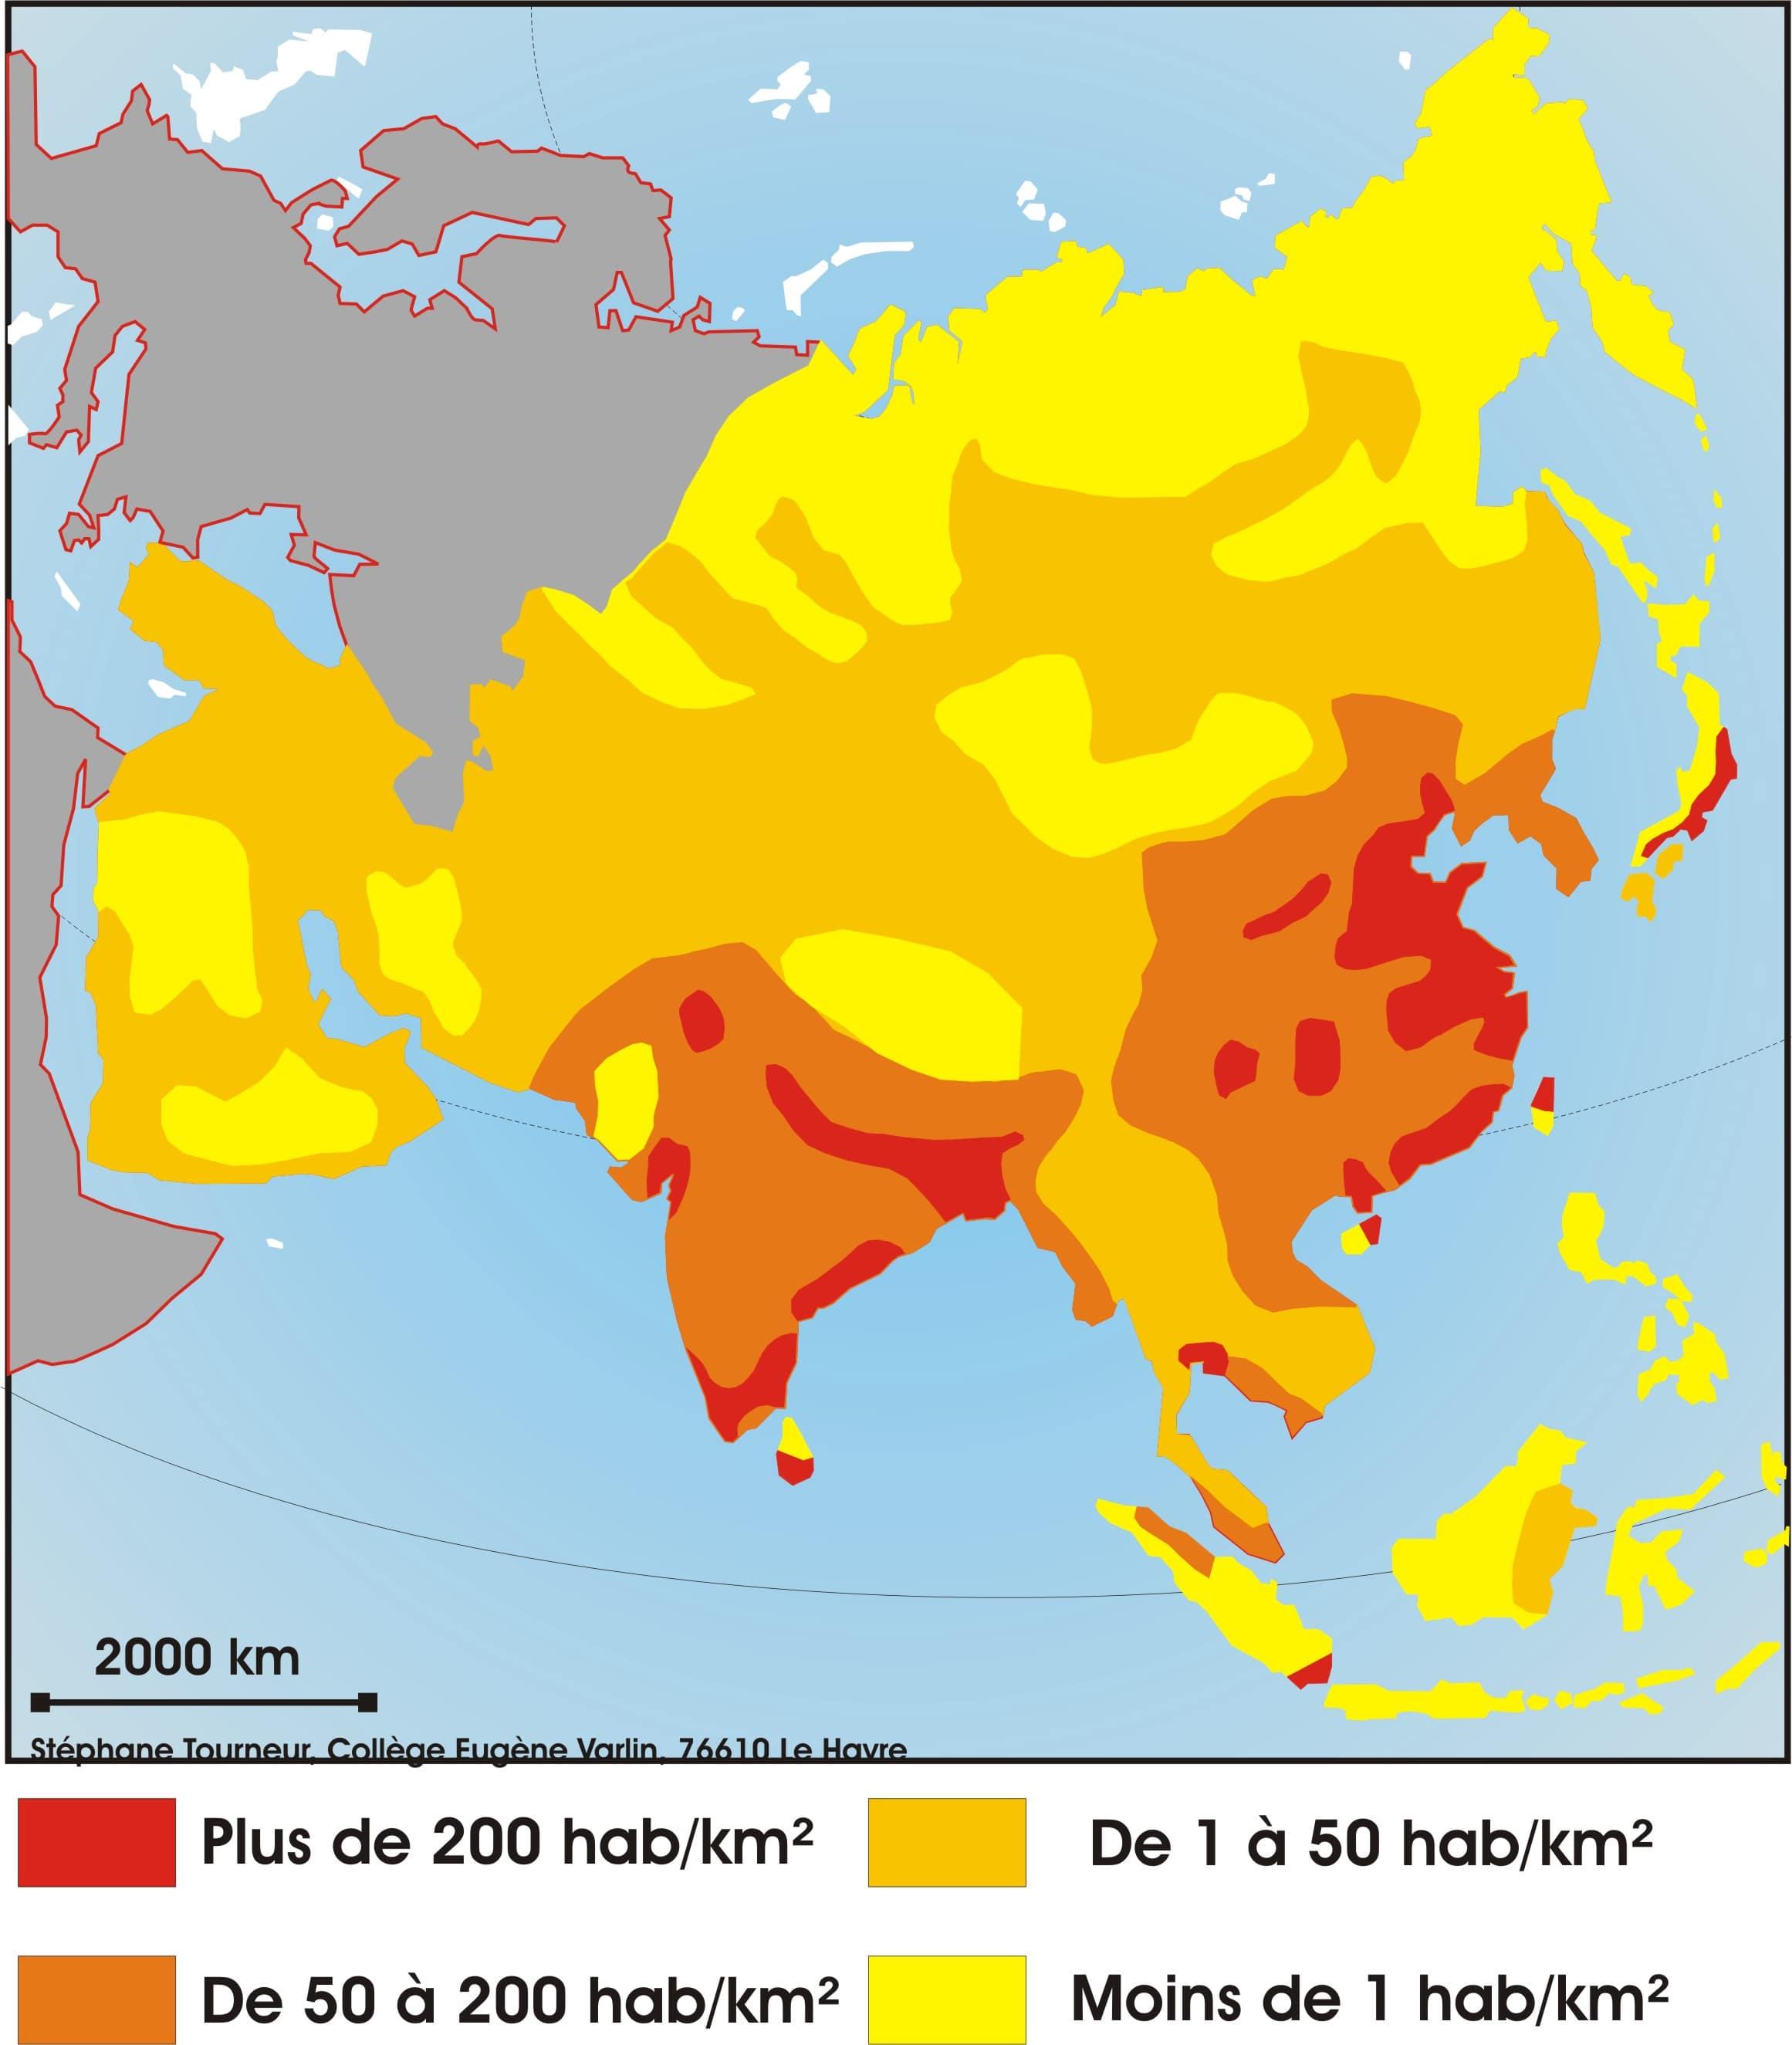 Carte Accroissement Naturel Asie.Cartograf Fr Les Cartes Des Continents L Asie